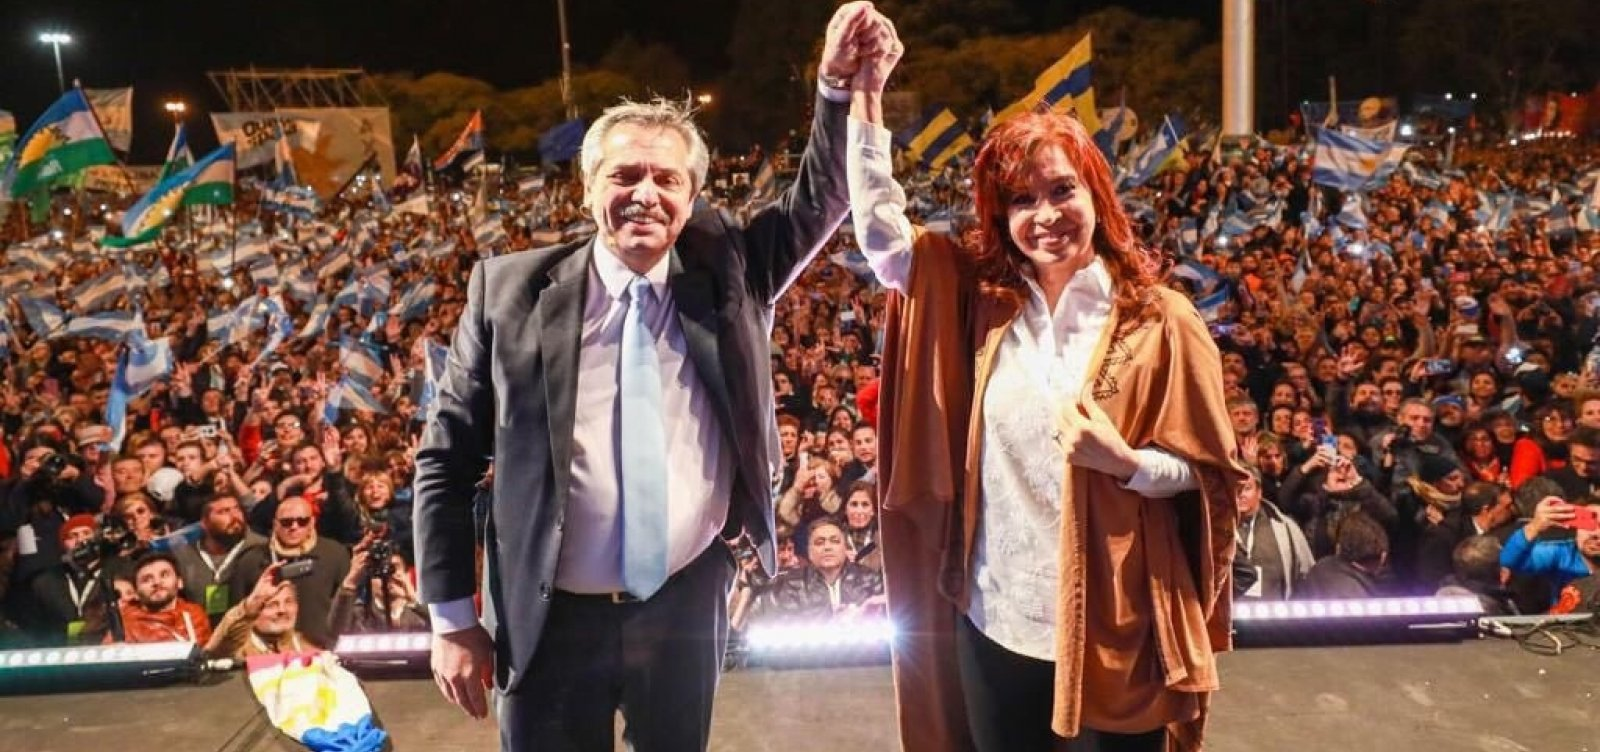 [Alberto Fernández derrota Macri e é eleito presidente da Argentina em 1º turno]